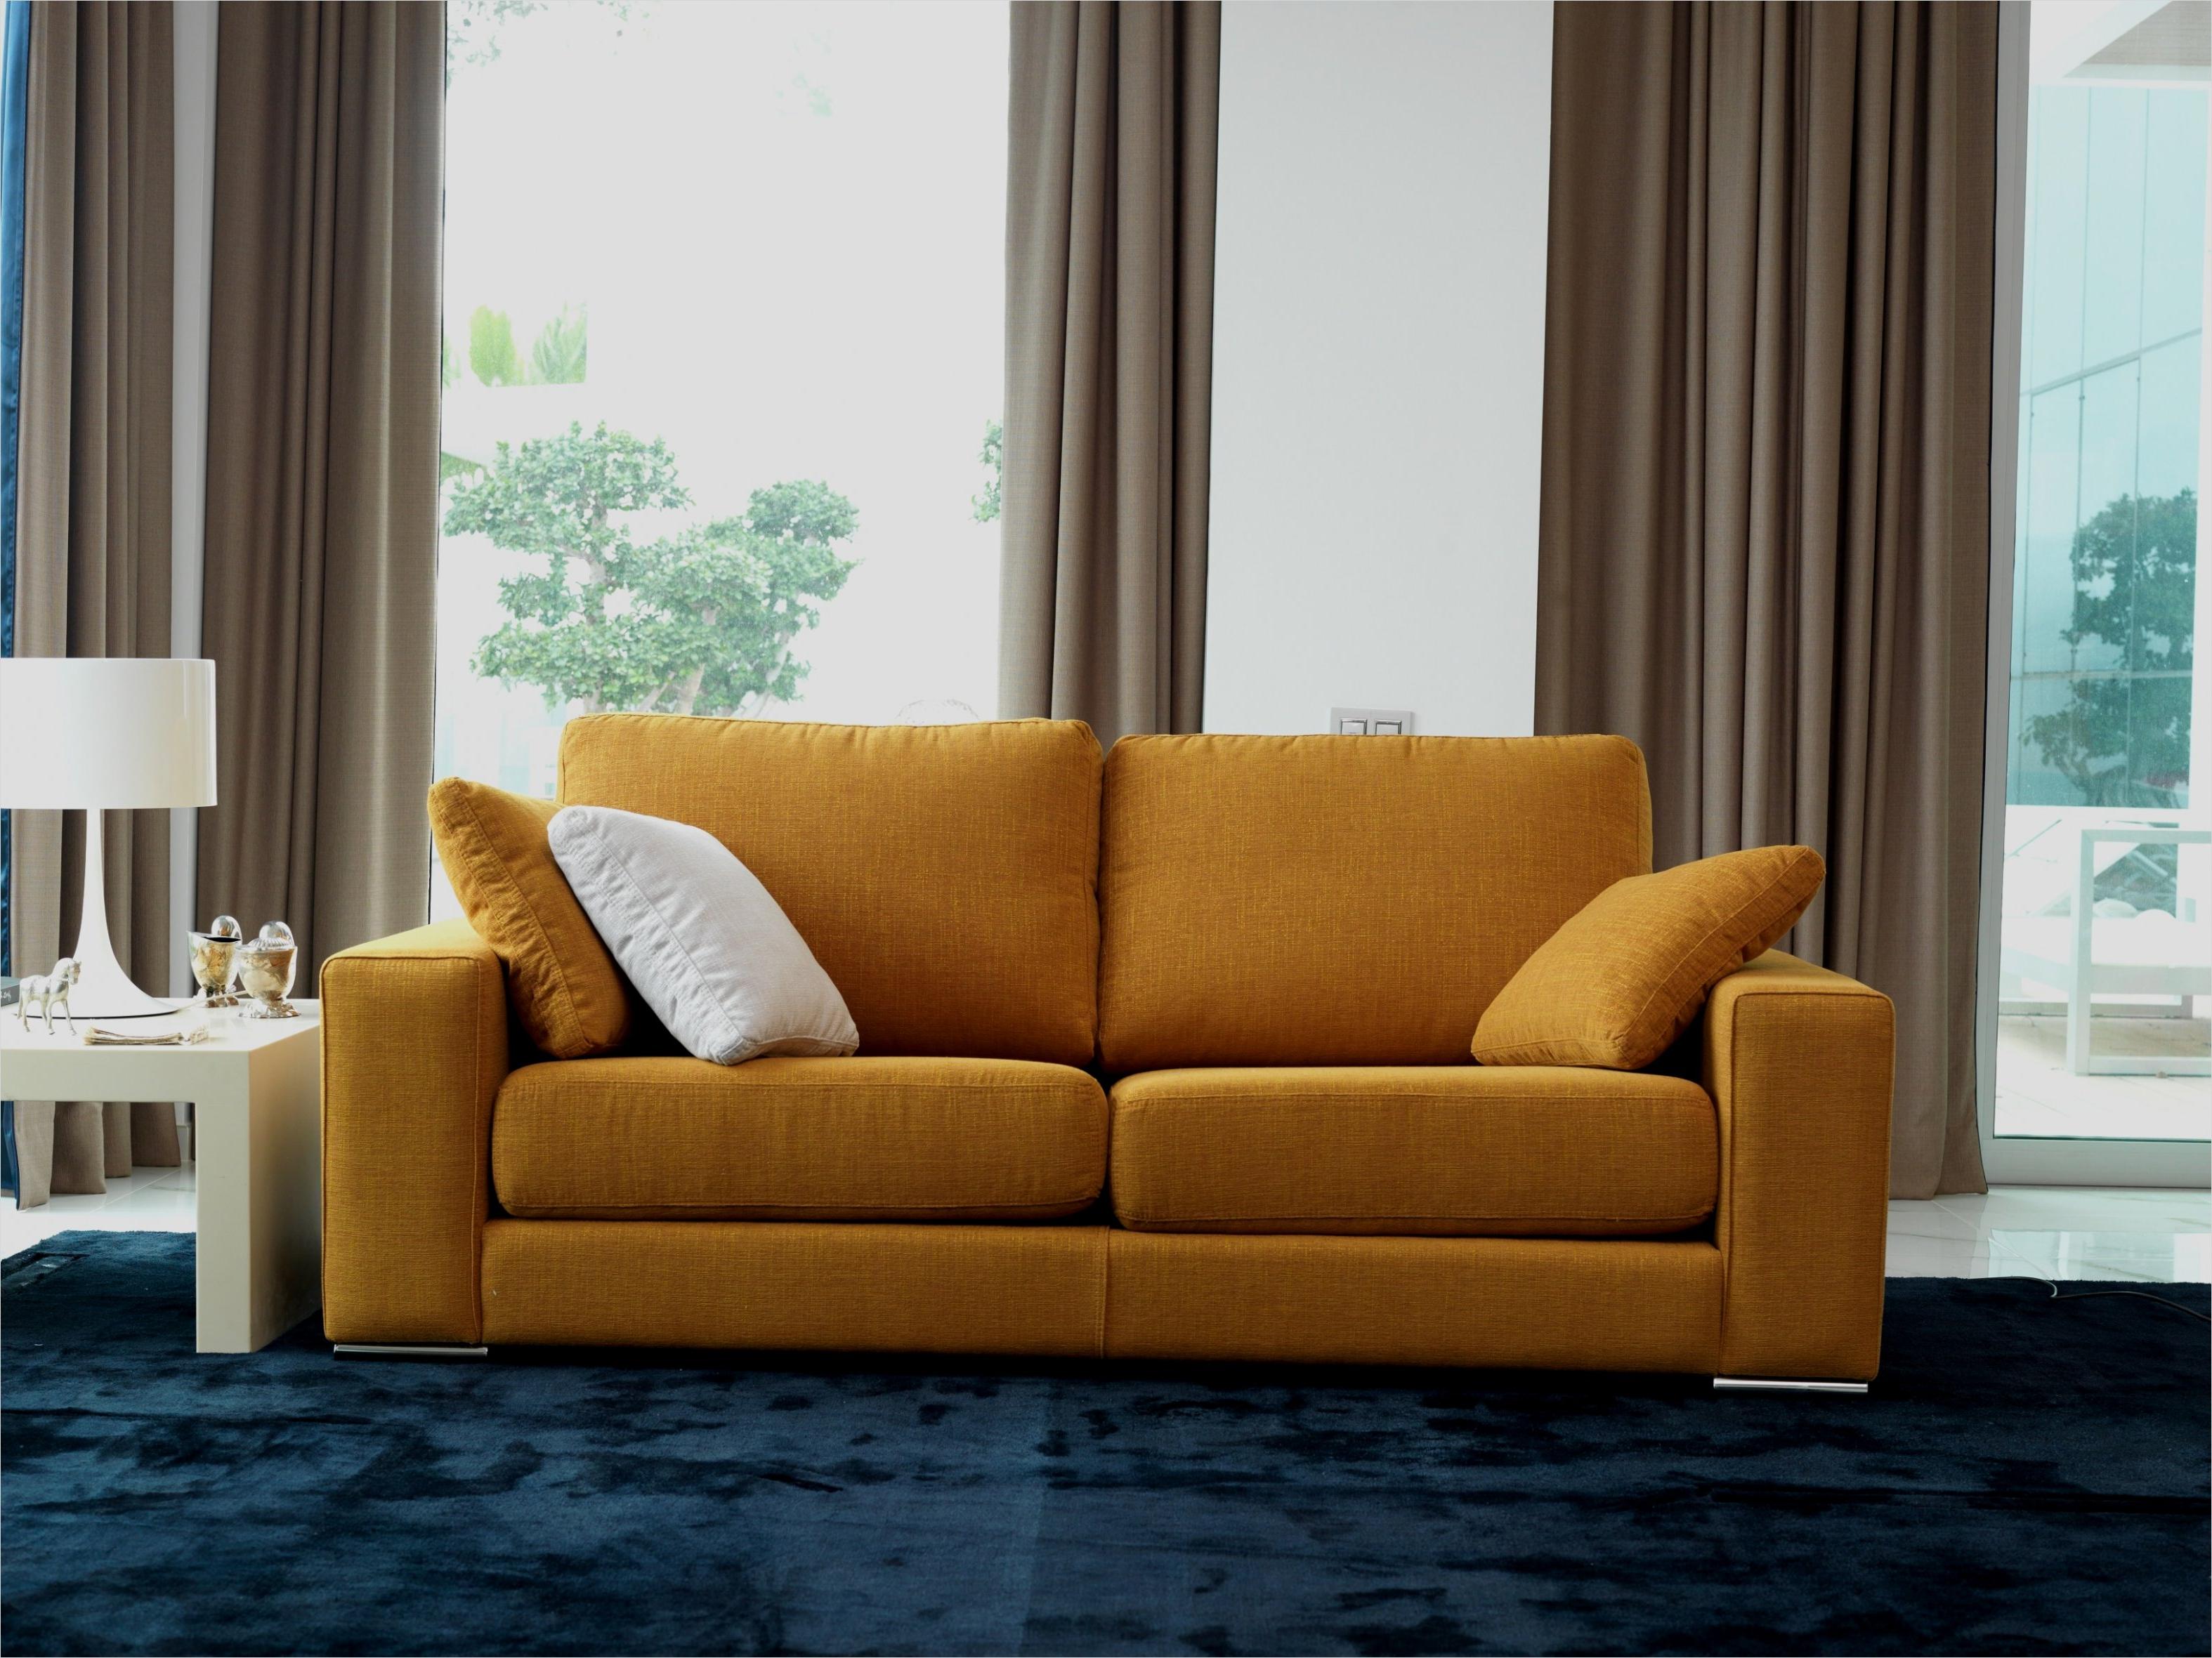 Tapizar Sillas Precio Ffdn Tapizar sofa Precio Madrid Bonito tope Telas Para Tapizar Sillas